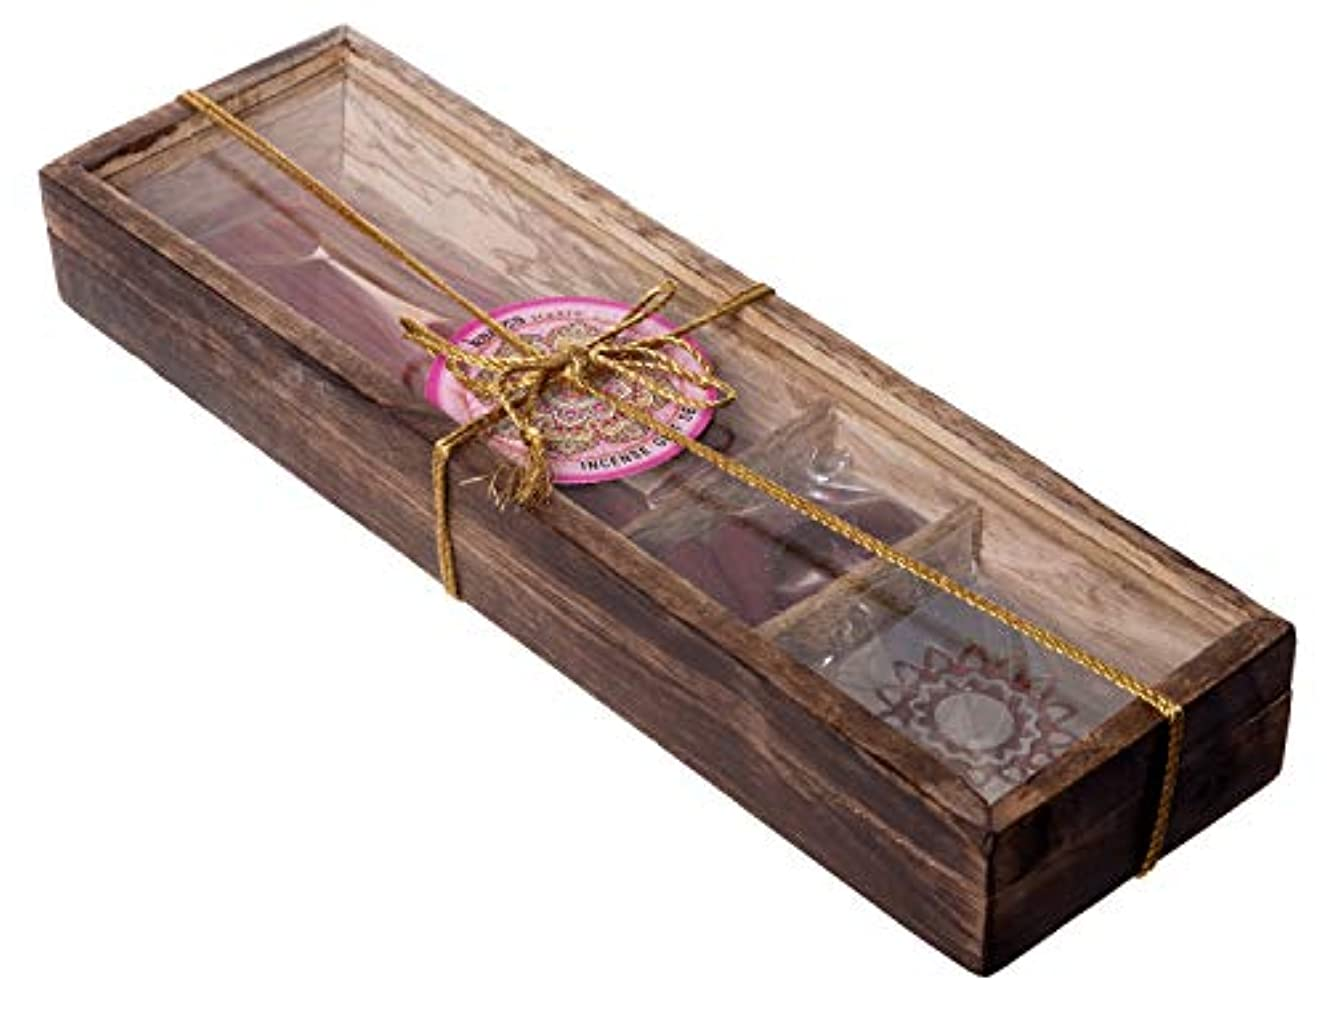 麻痺原理起点Karma Scents プレミアム木製お香ギフトセット – 30本 – コーン10本と香ホルダースタンド